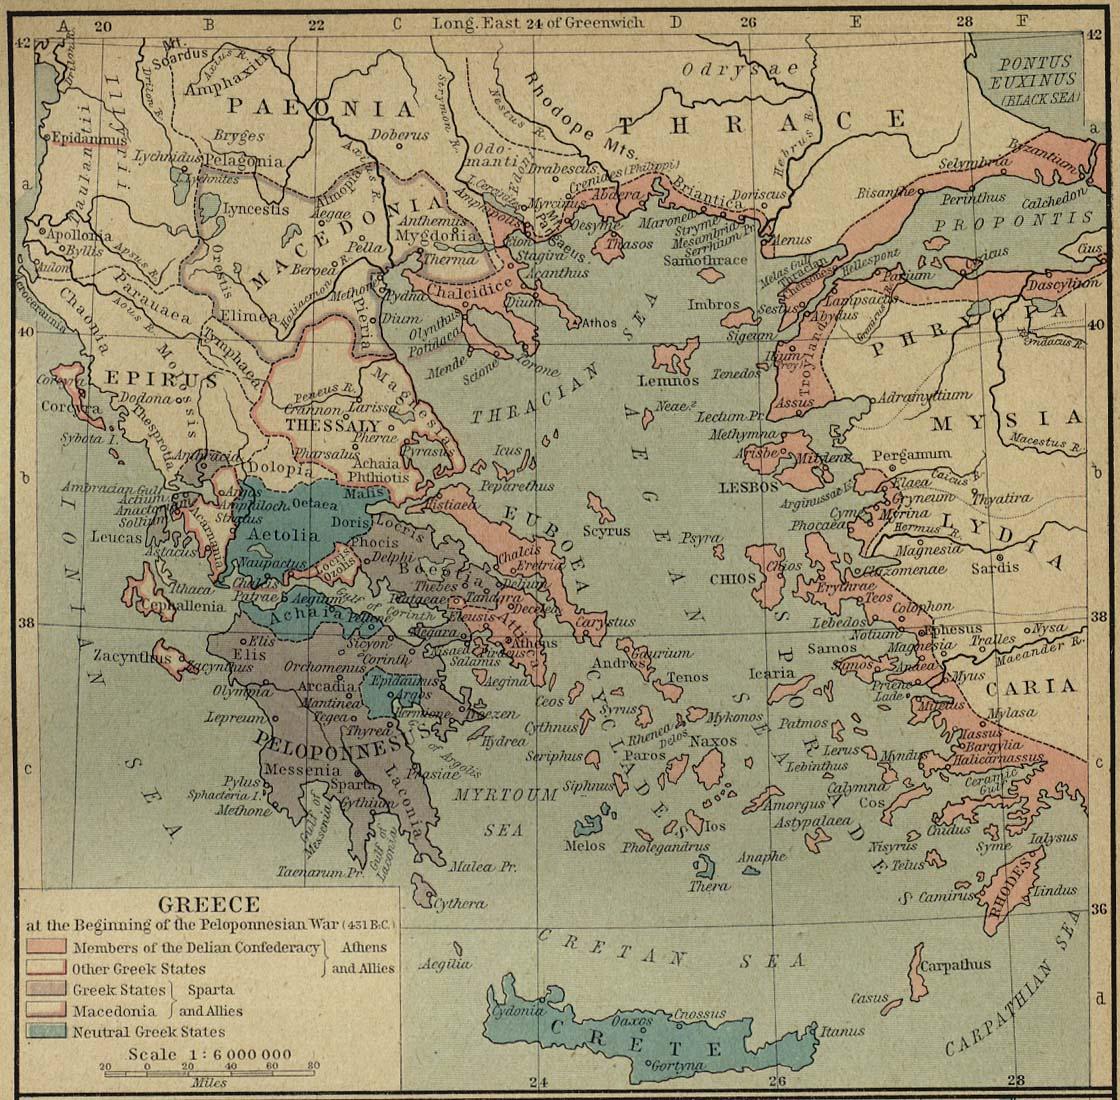 Mapa de Grecia al Inicio de la Guerra del Peloponeso (431 adC)